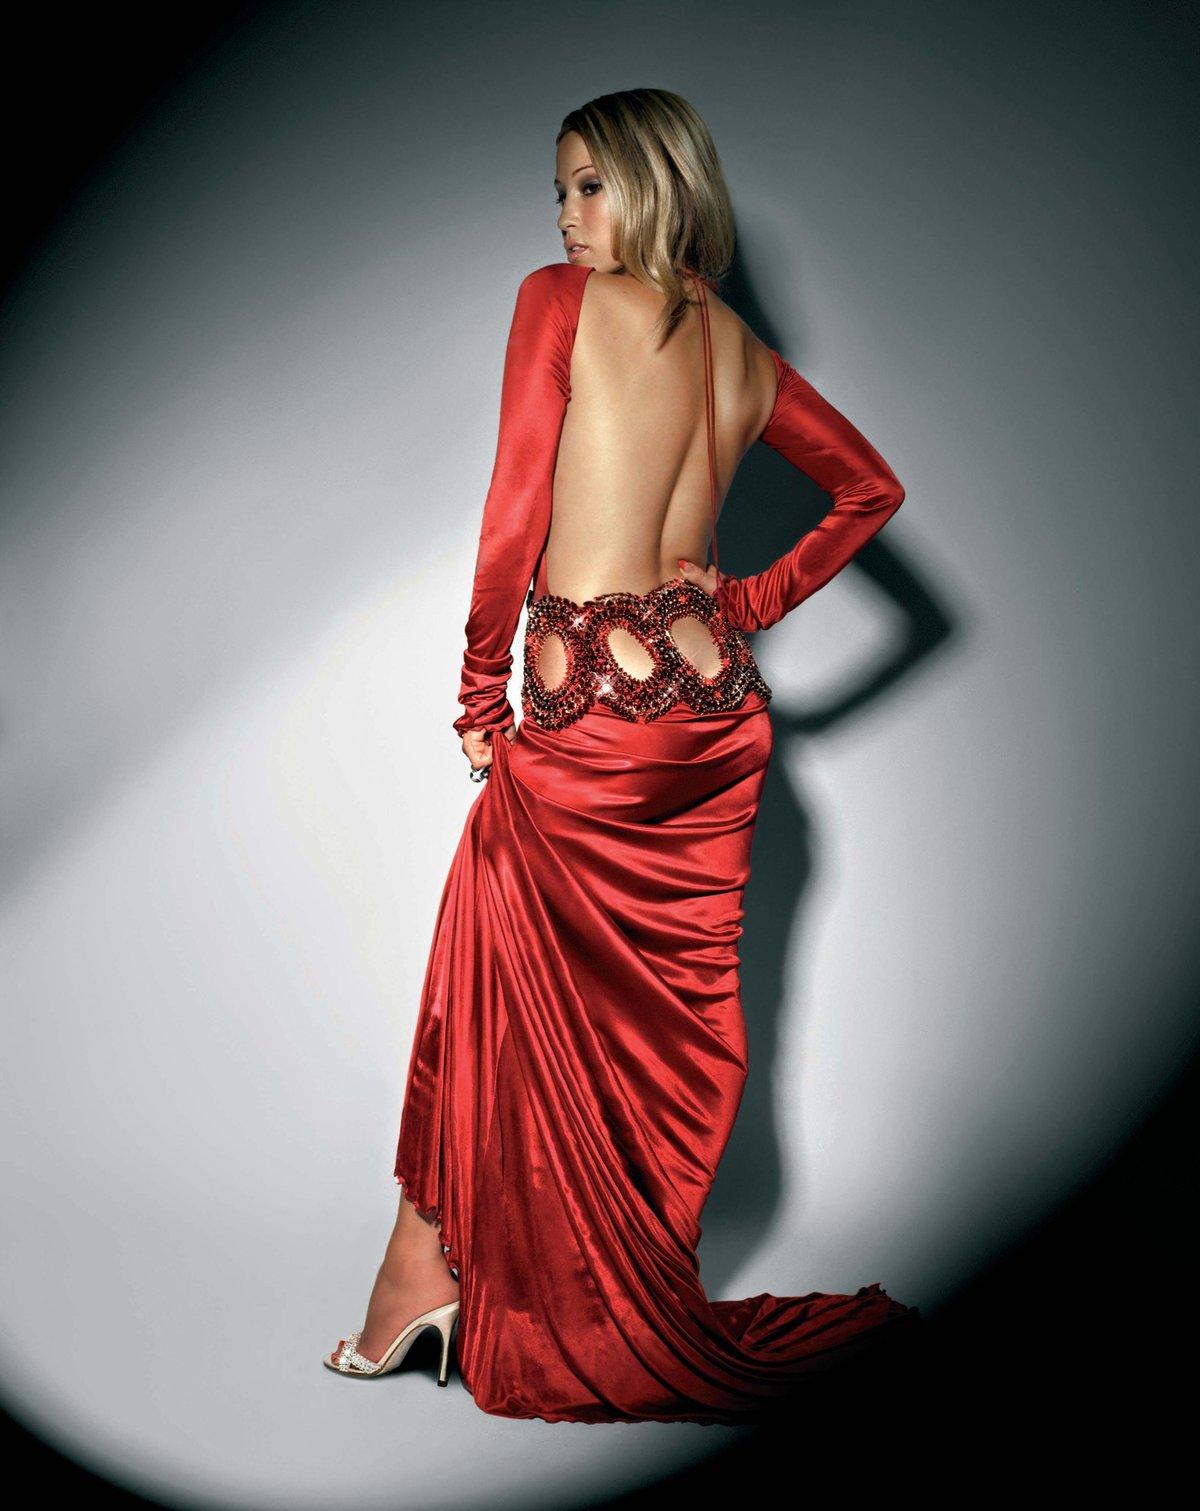 Эротические фото длинные шелковые платья 12